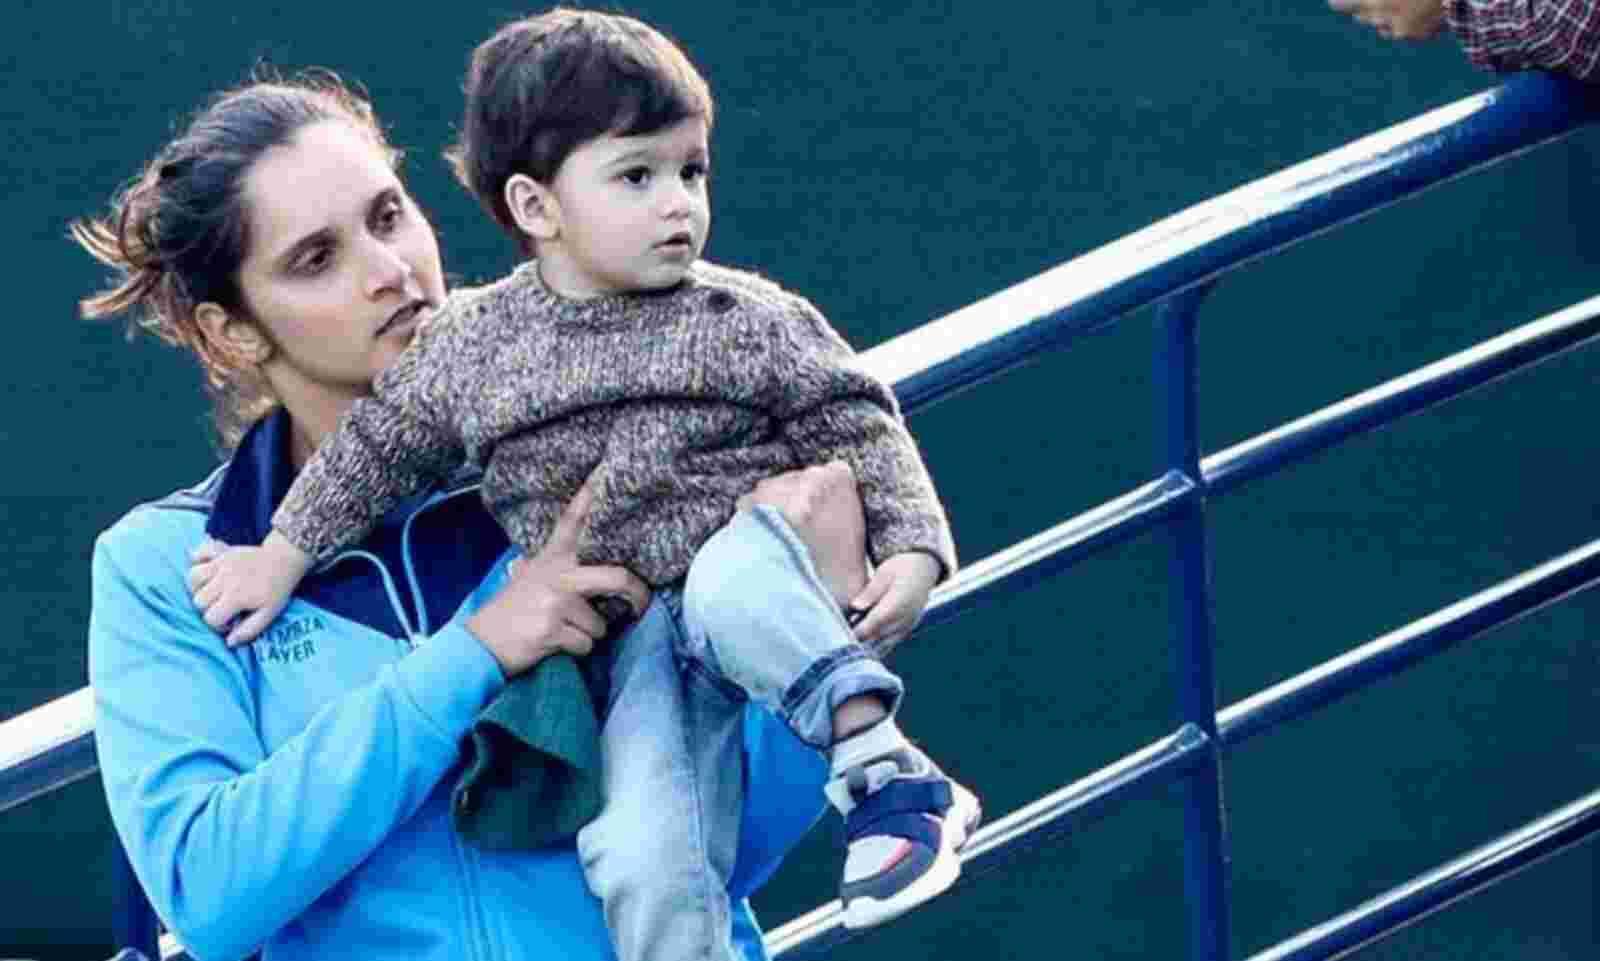 کھیل کی وزارت نے ثانیہ مرزا کے 2 سال کے بیٹے کو ویزا دلانے کے لئے برطانیہ حکومت سے رابطہ کیا